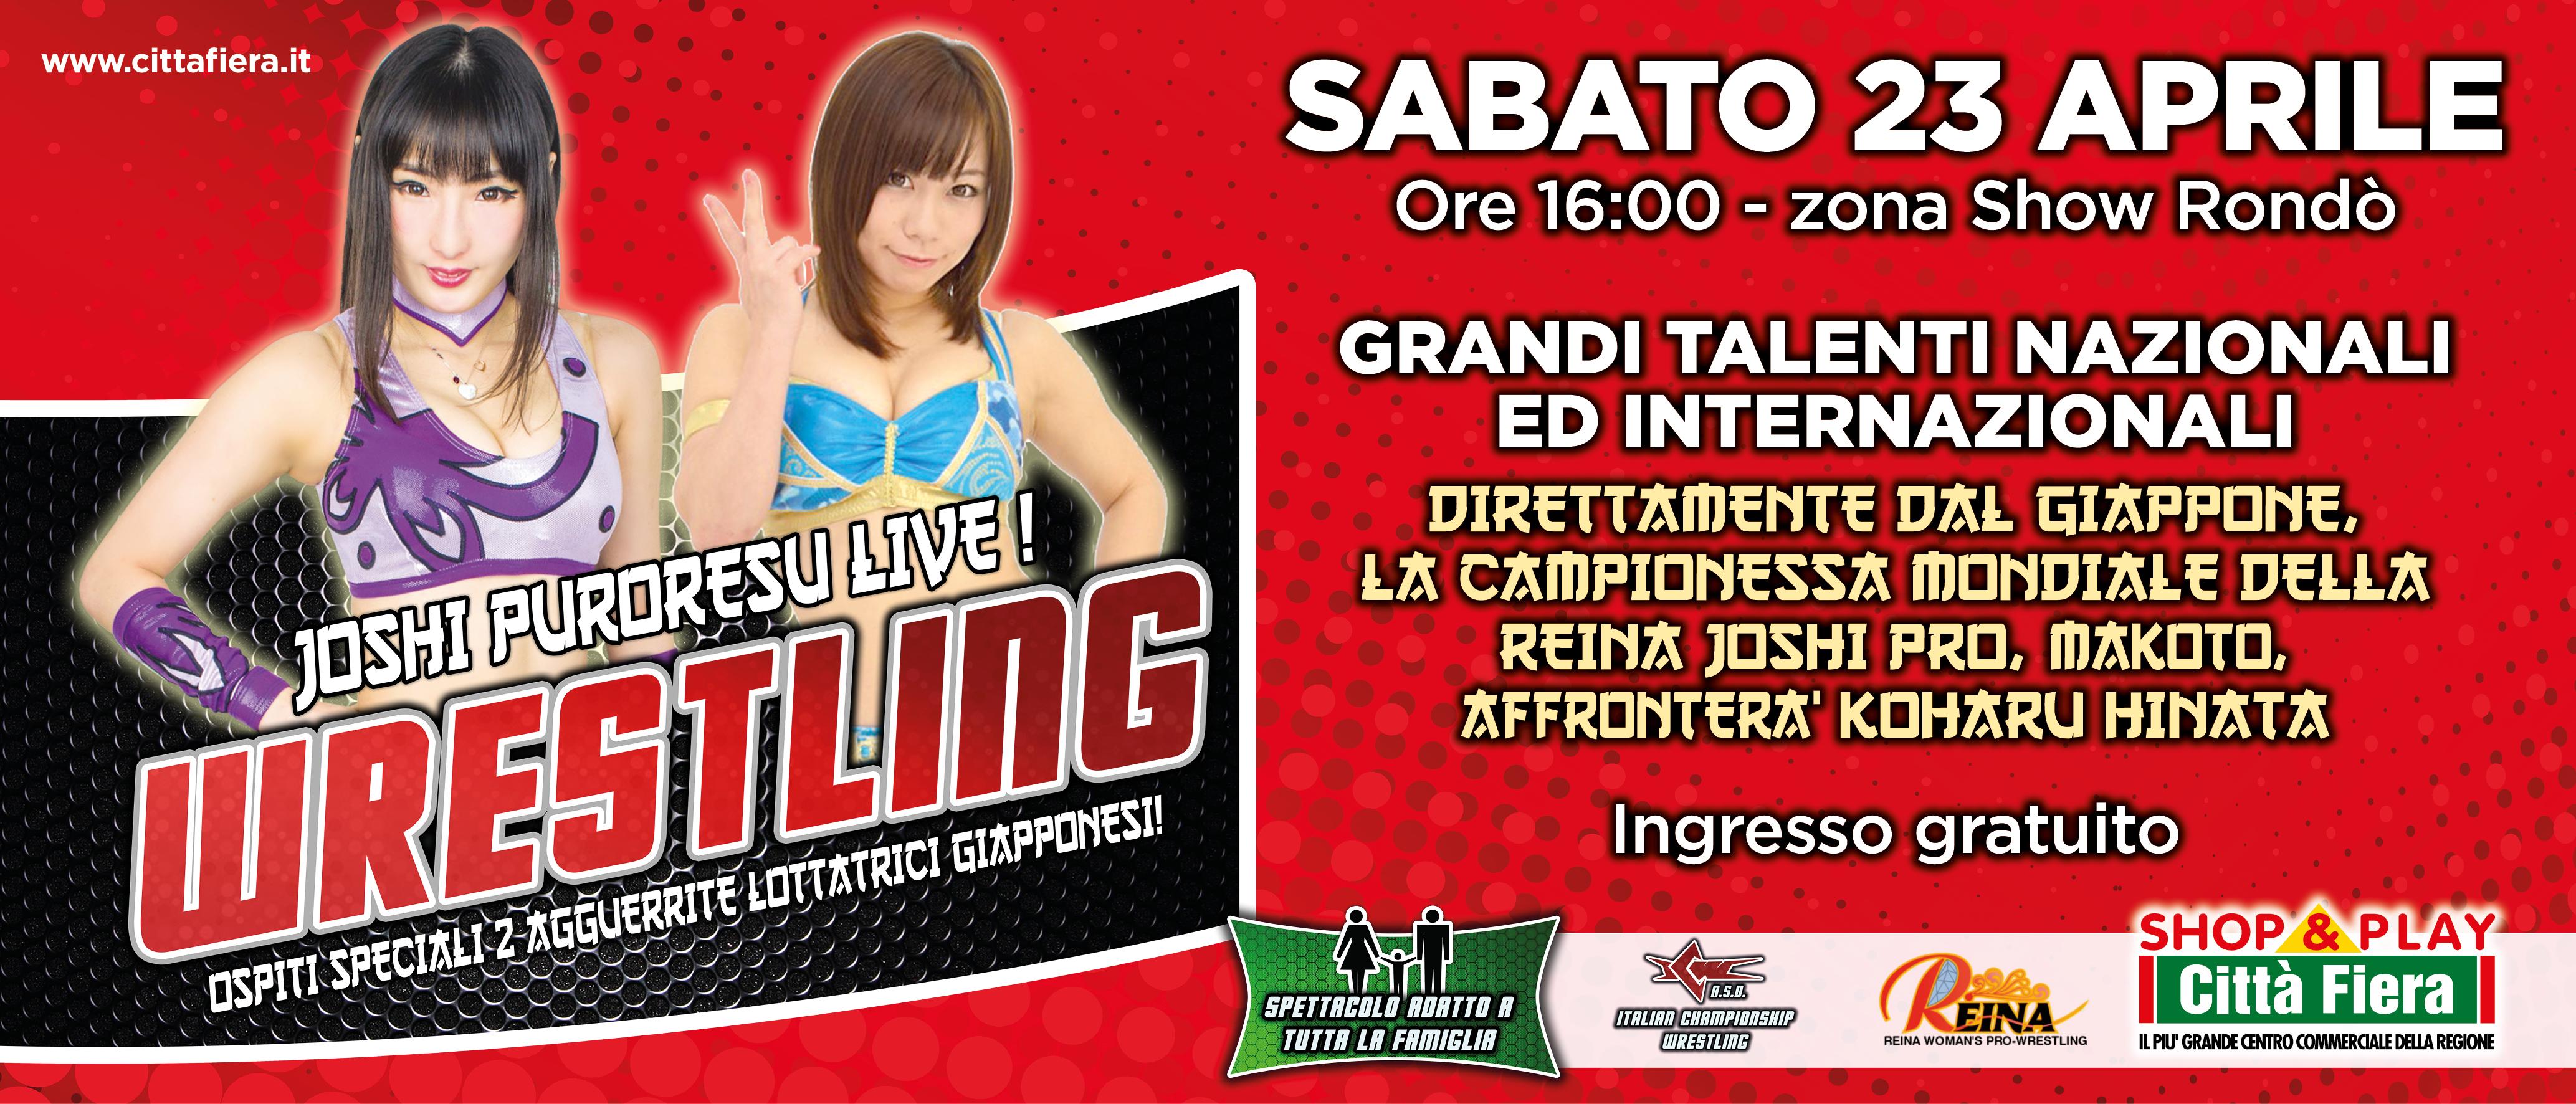 Joshi Puroresu Live: lottatrici giapponesi in azione a Udine con la ICW!